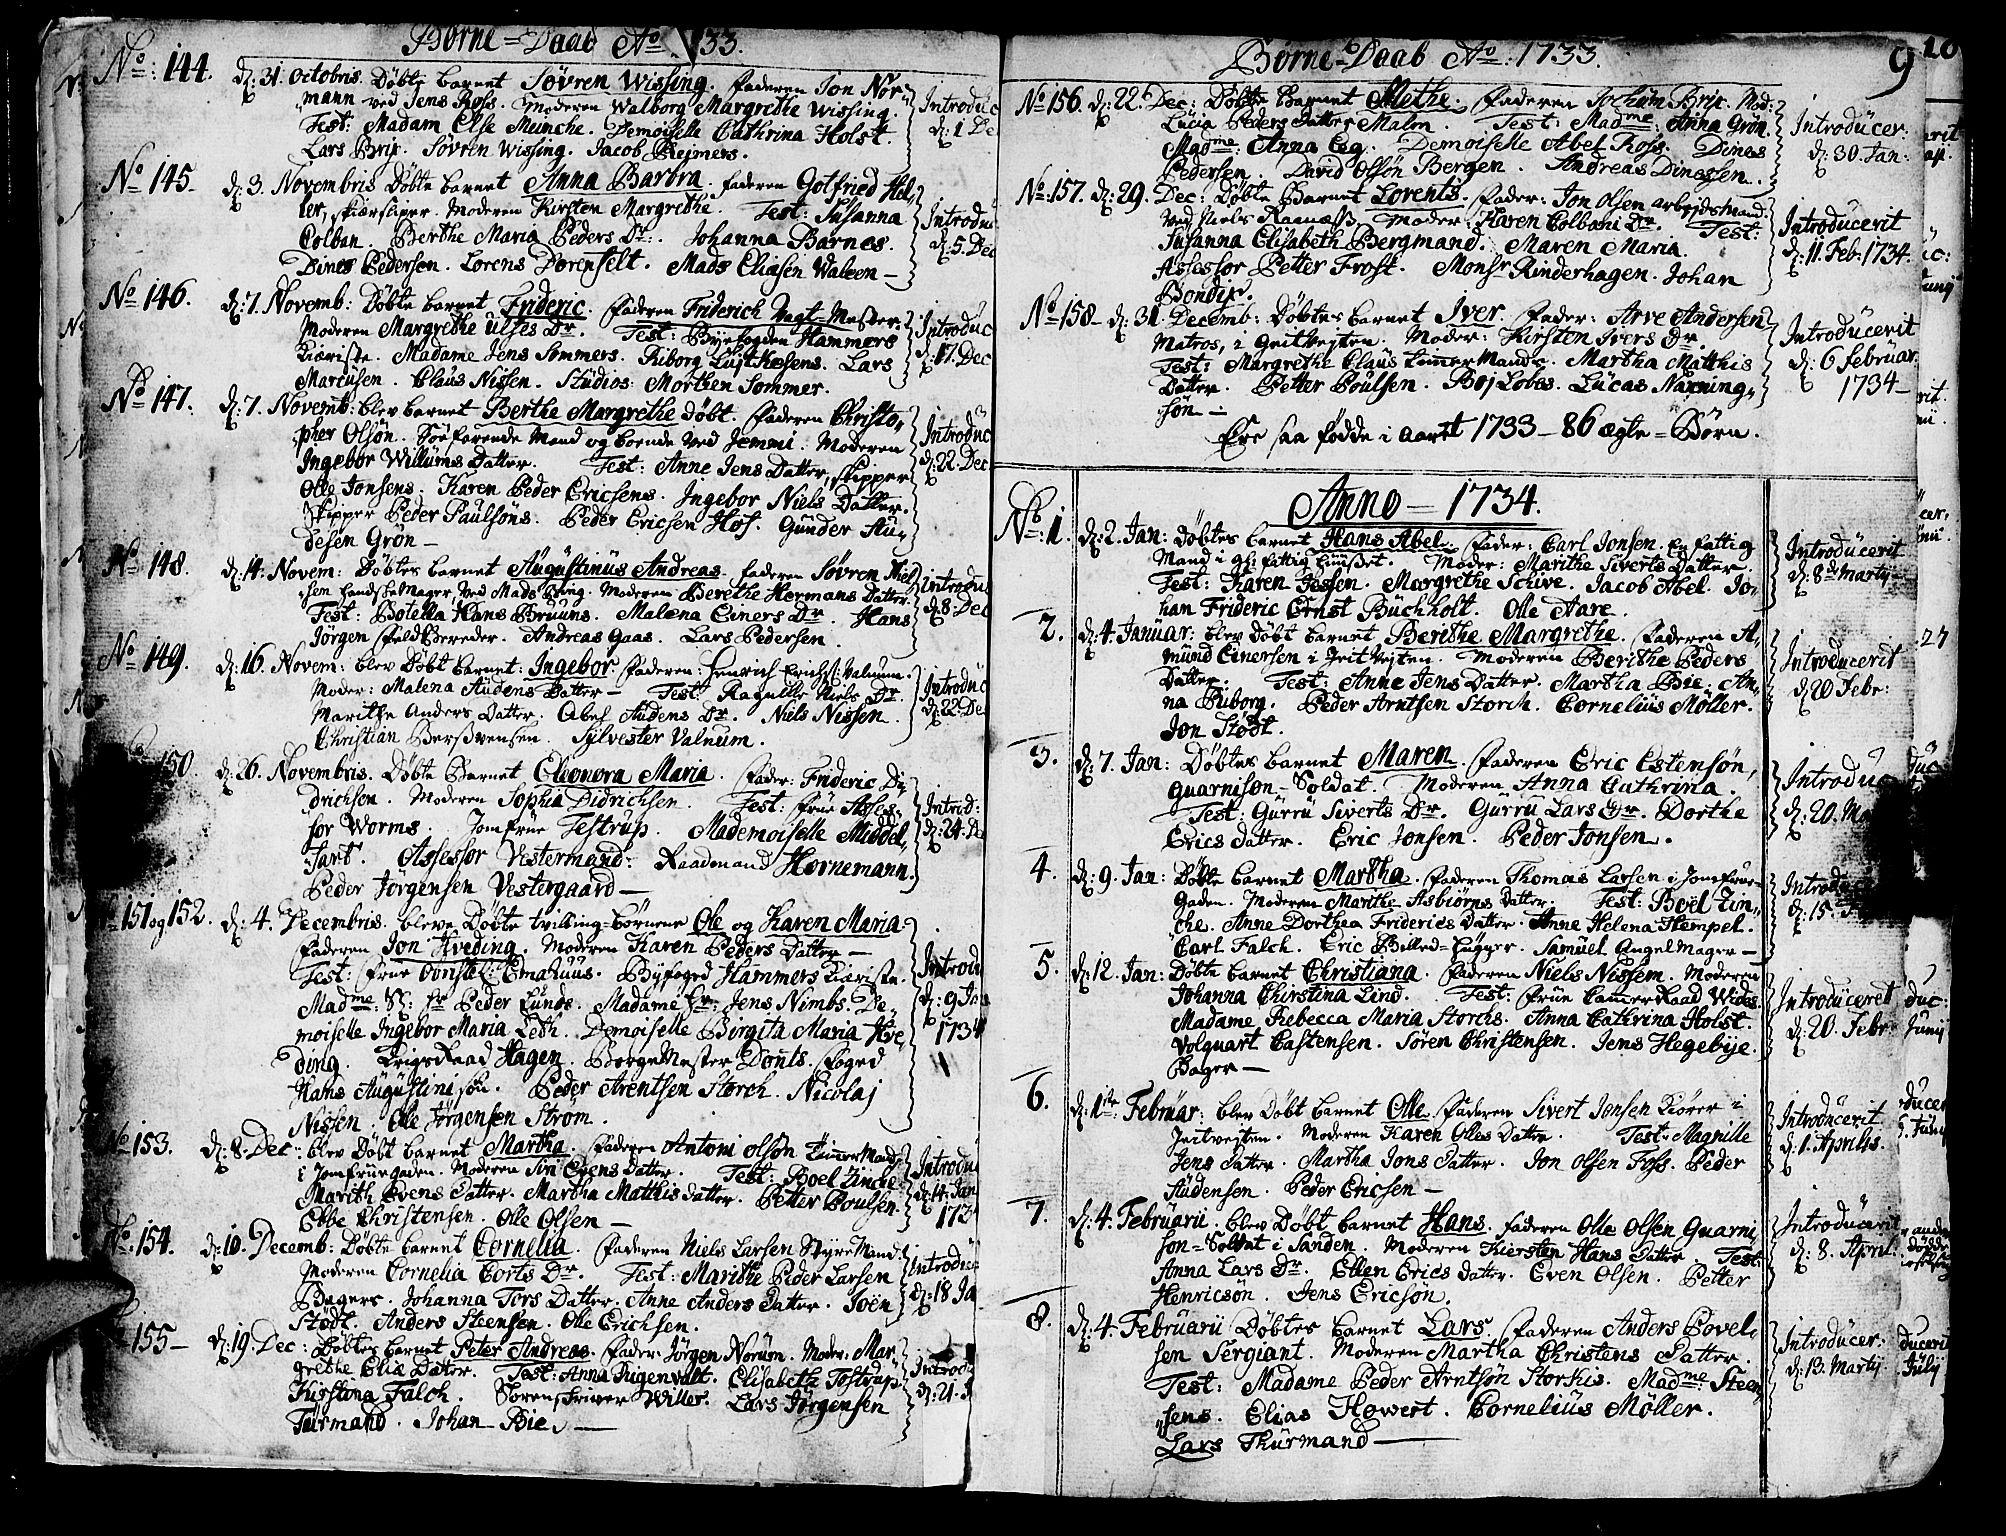 SAT, Ministerialprotokoller, klokkerbøker og fødselsregistre - Sør-Trøndelag, 602/L0103: Ministerialbok nr. 602A01, 1732-1774, s. 9